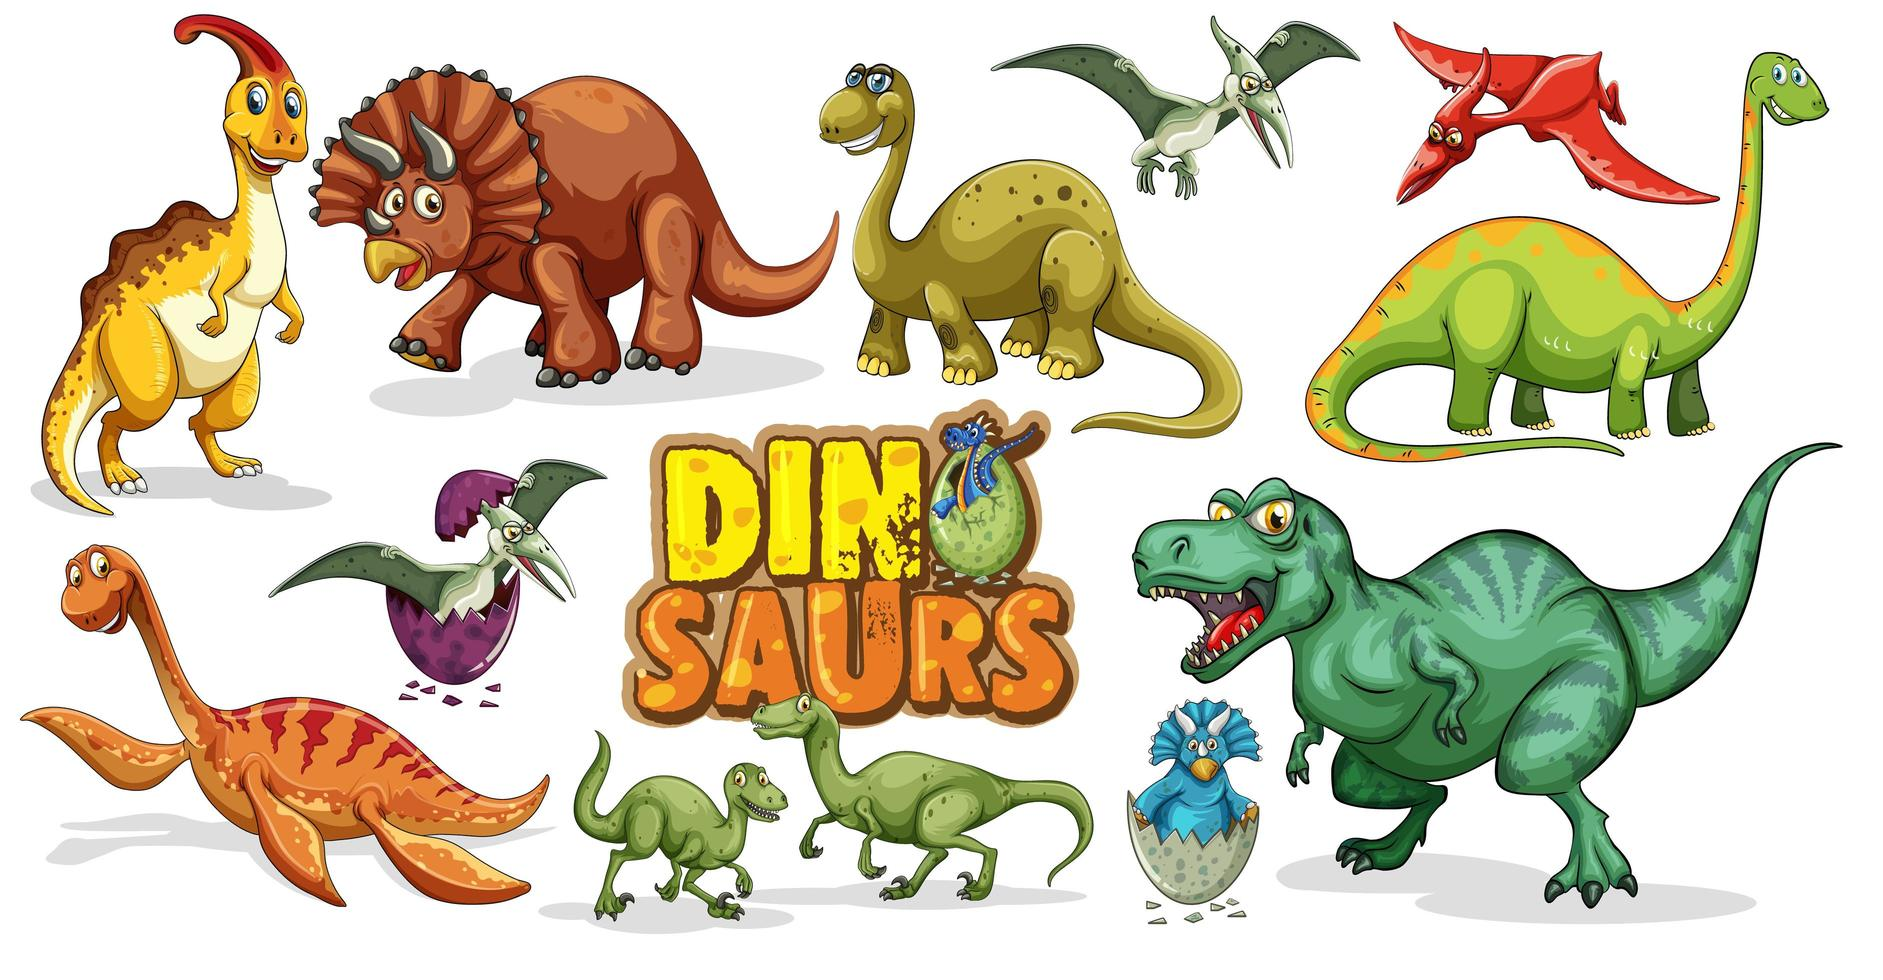 ensemble de personnage de dessin animé de dinosaures isolé sur fond blanc vecteur